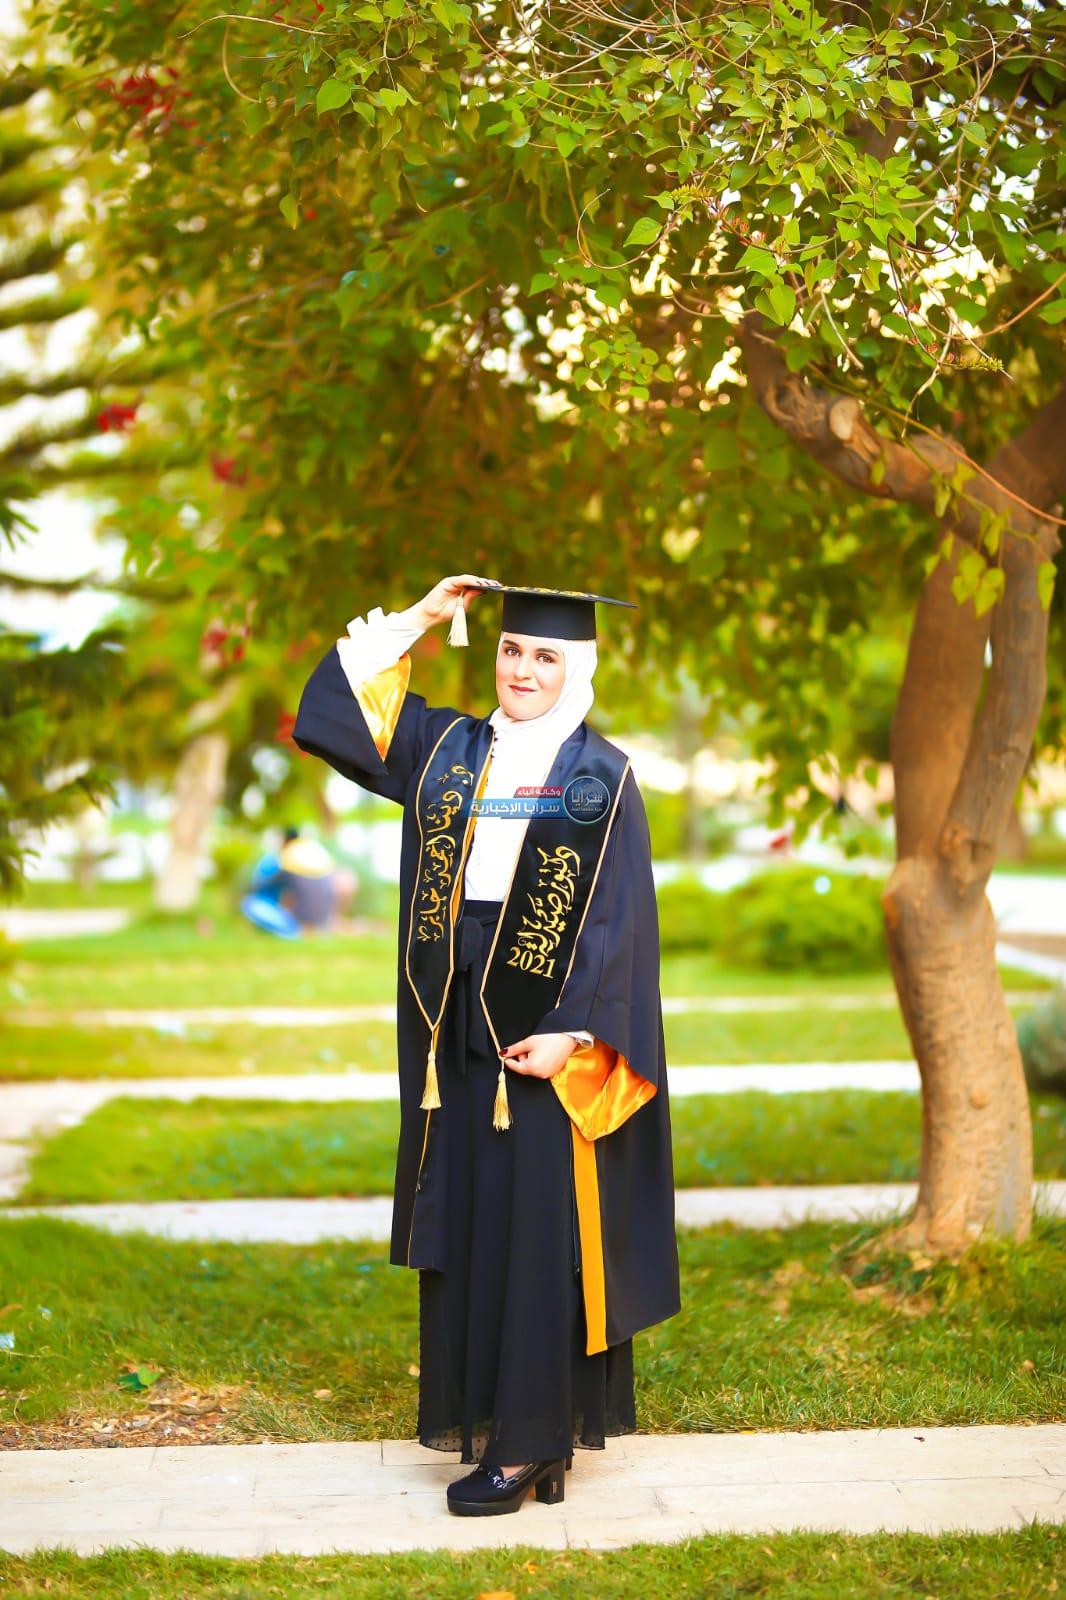 دينا أحمد جابر  ..  مبارك التخرج بإمتياز